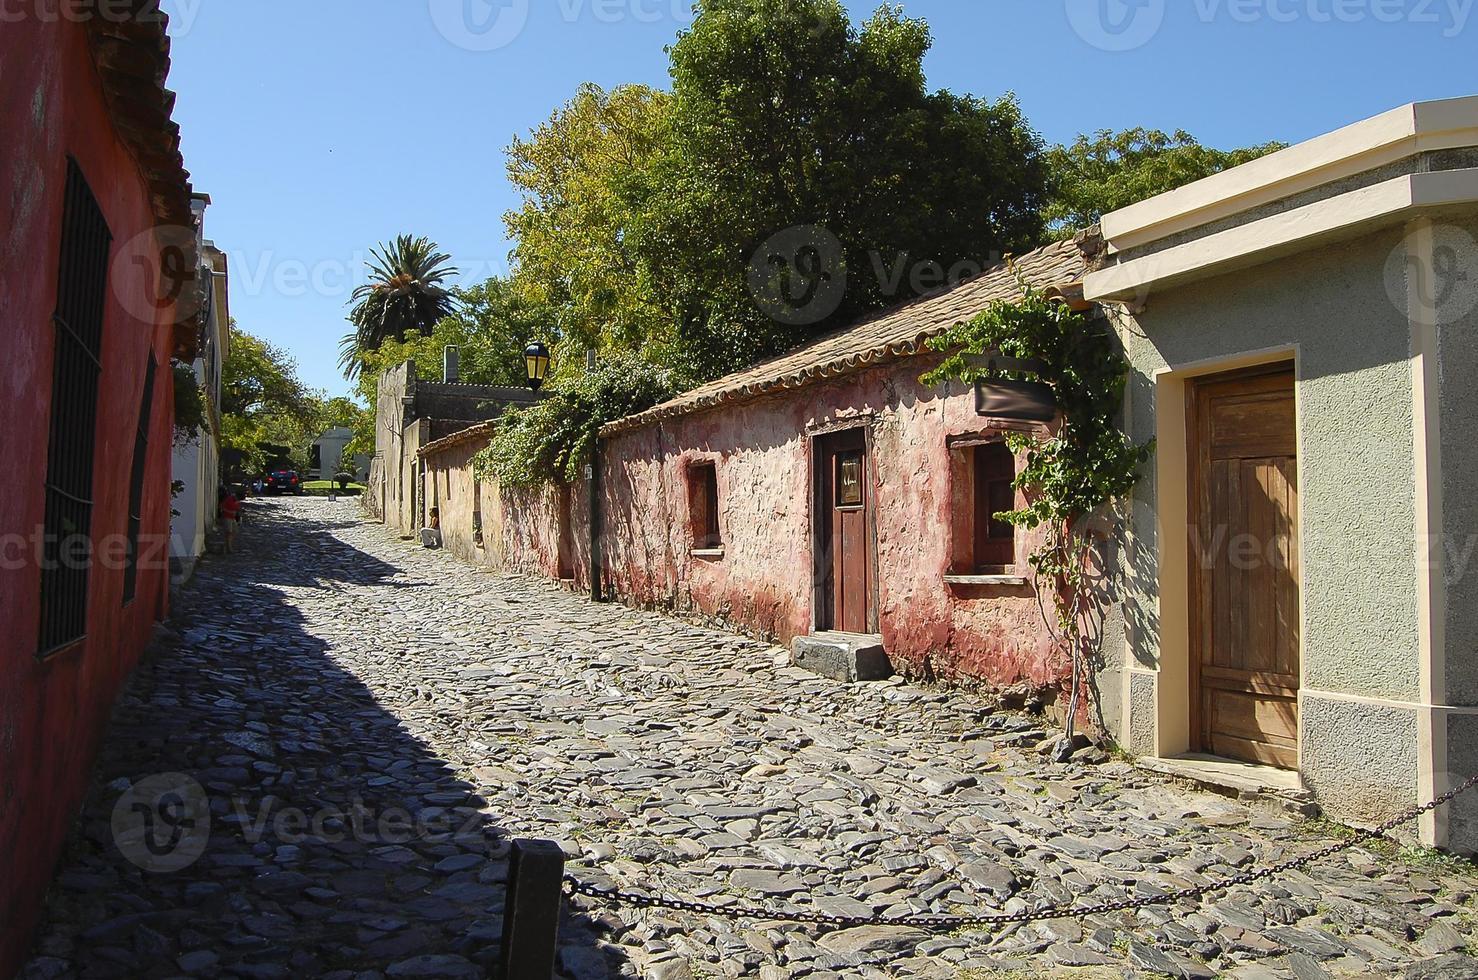 colonia del sacramento - uruguay photo